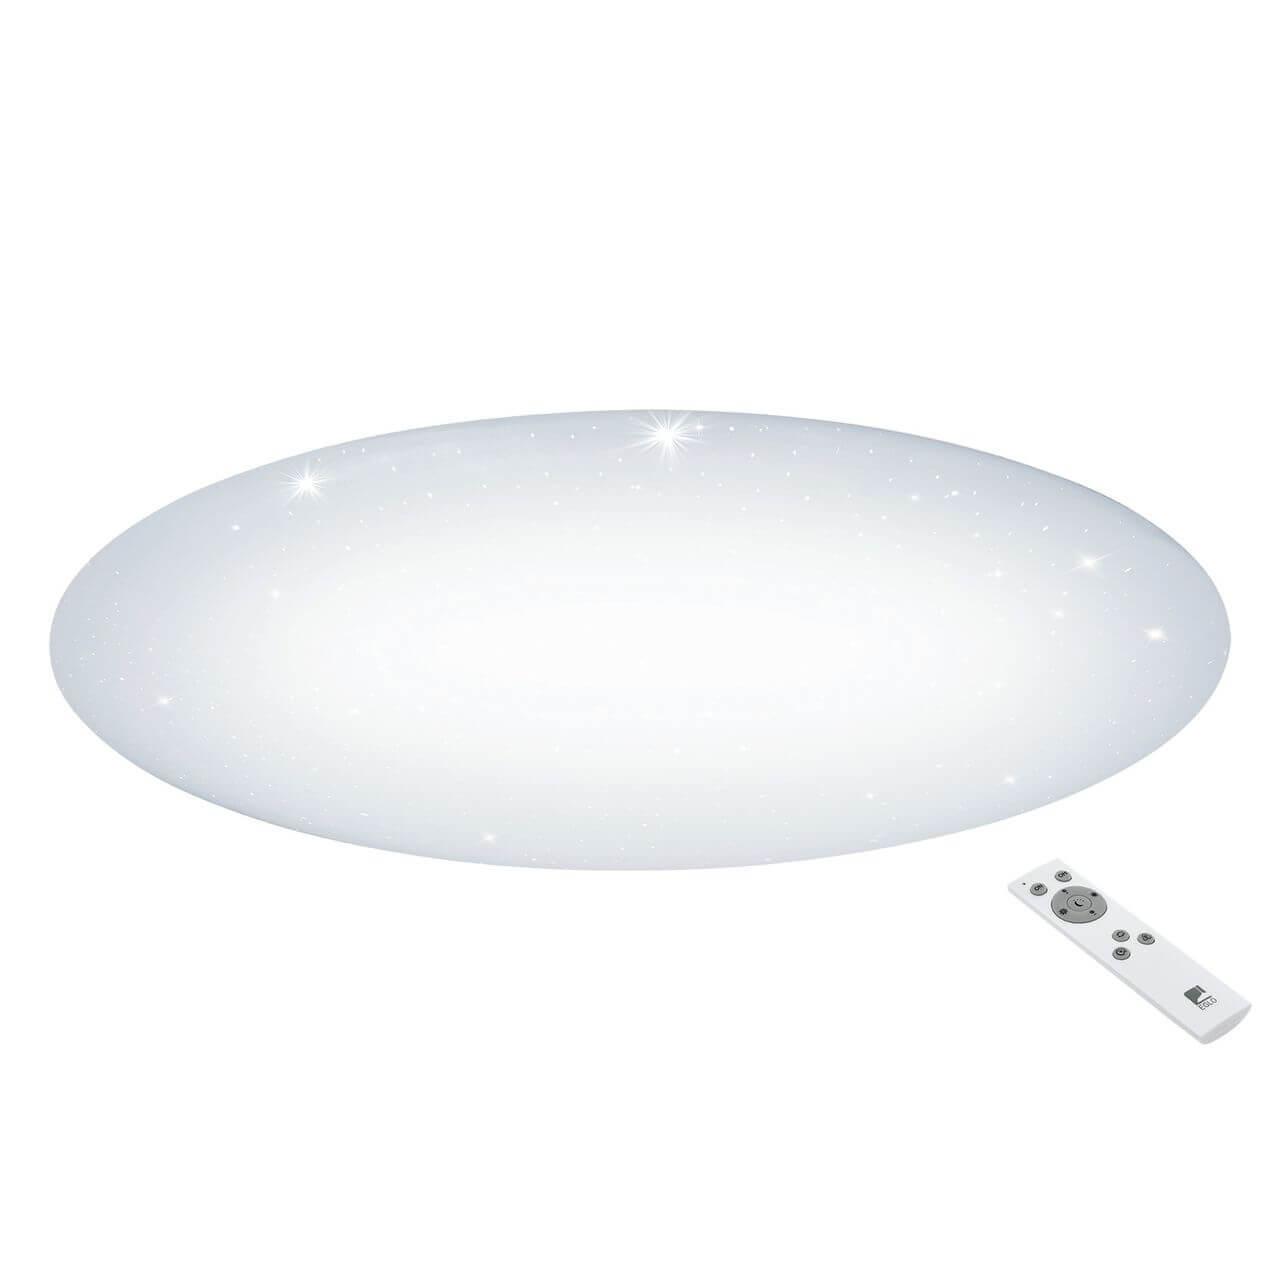 цена на Потолочный светодиодный светильник Eglo Giron-S 97542